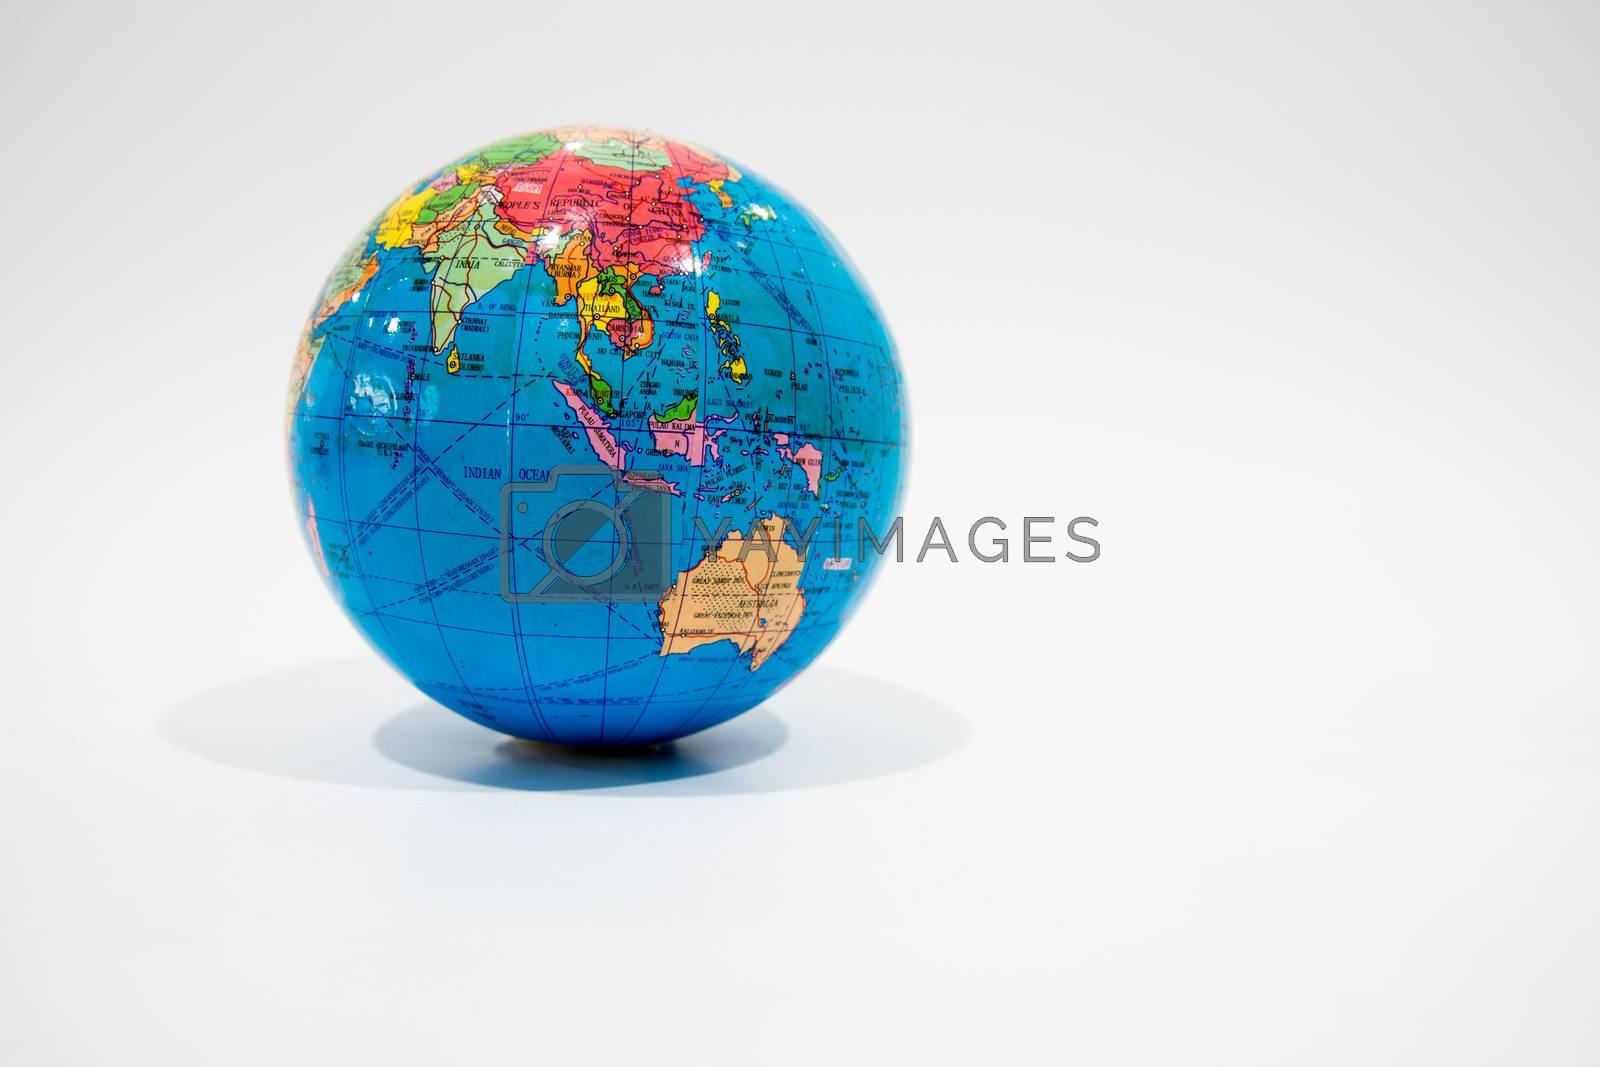 Beautiful globu model isolated on white background.